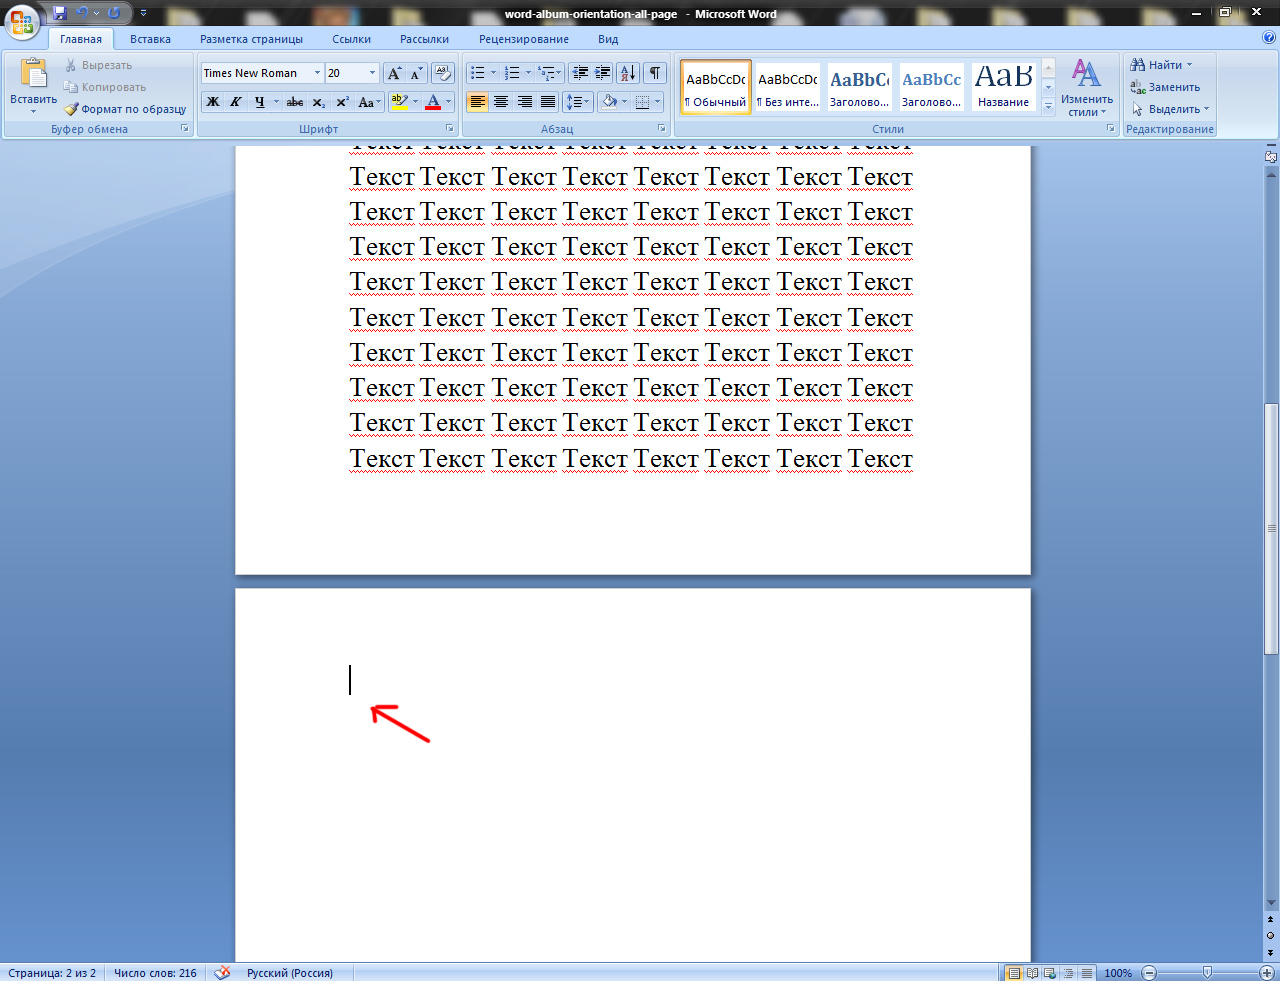 Как сделать книжку в Ворде. Печать документа книжкой в